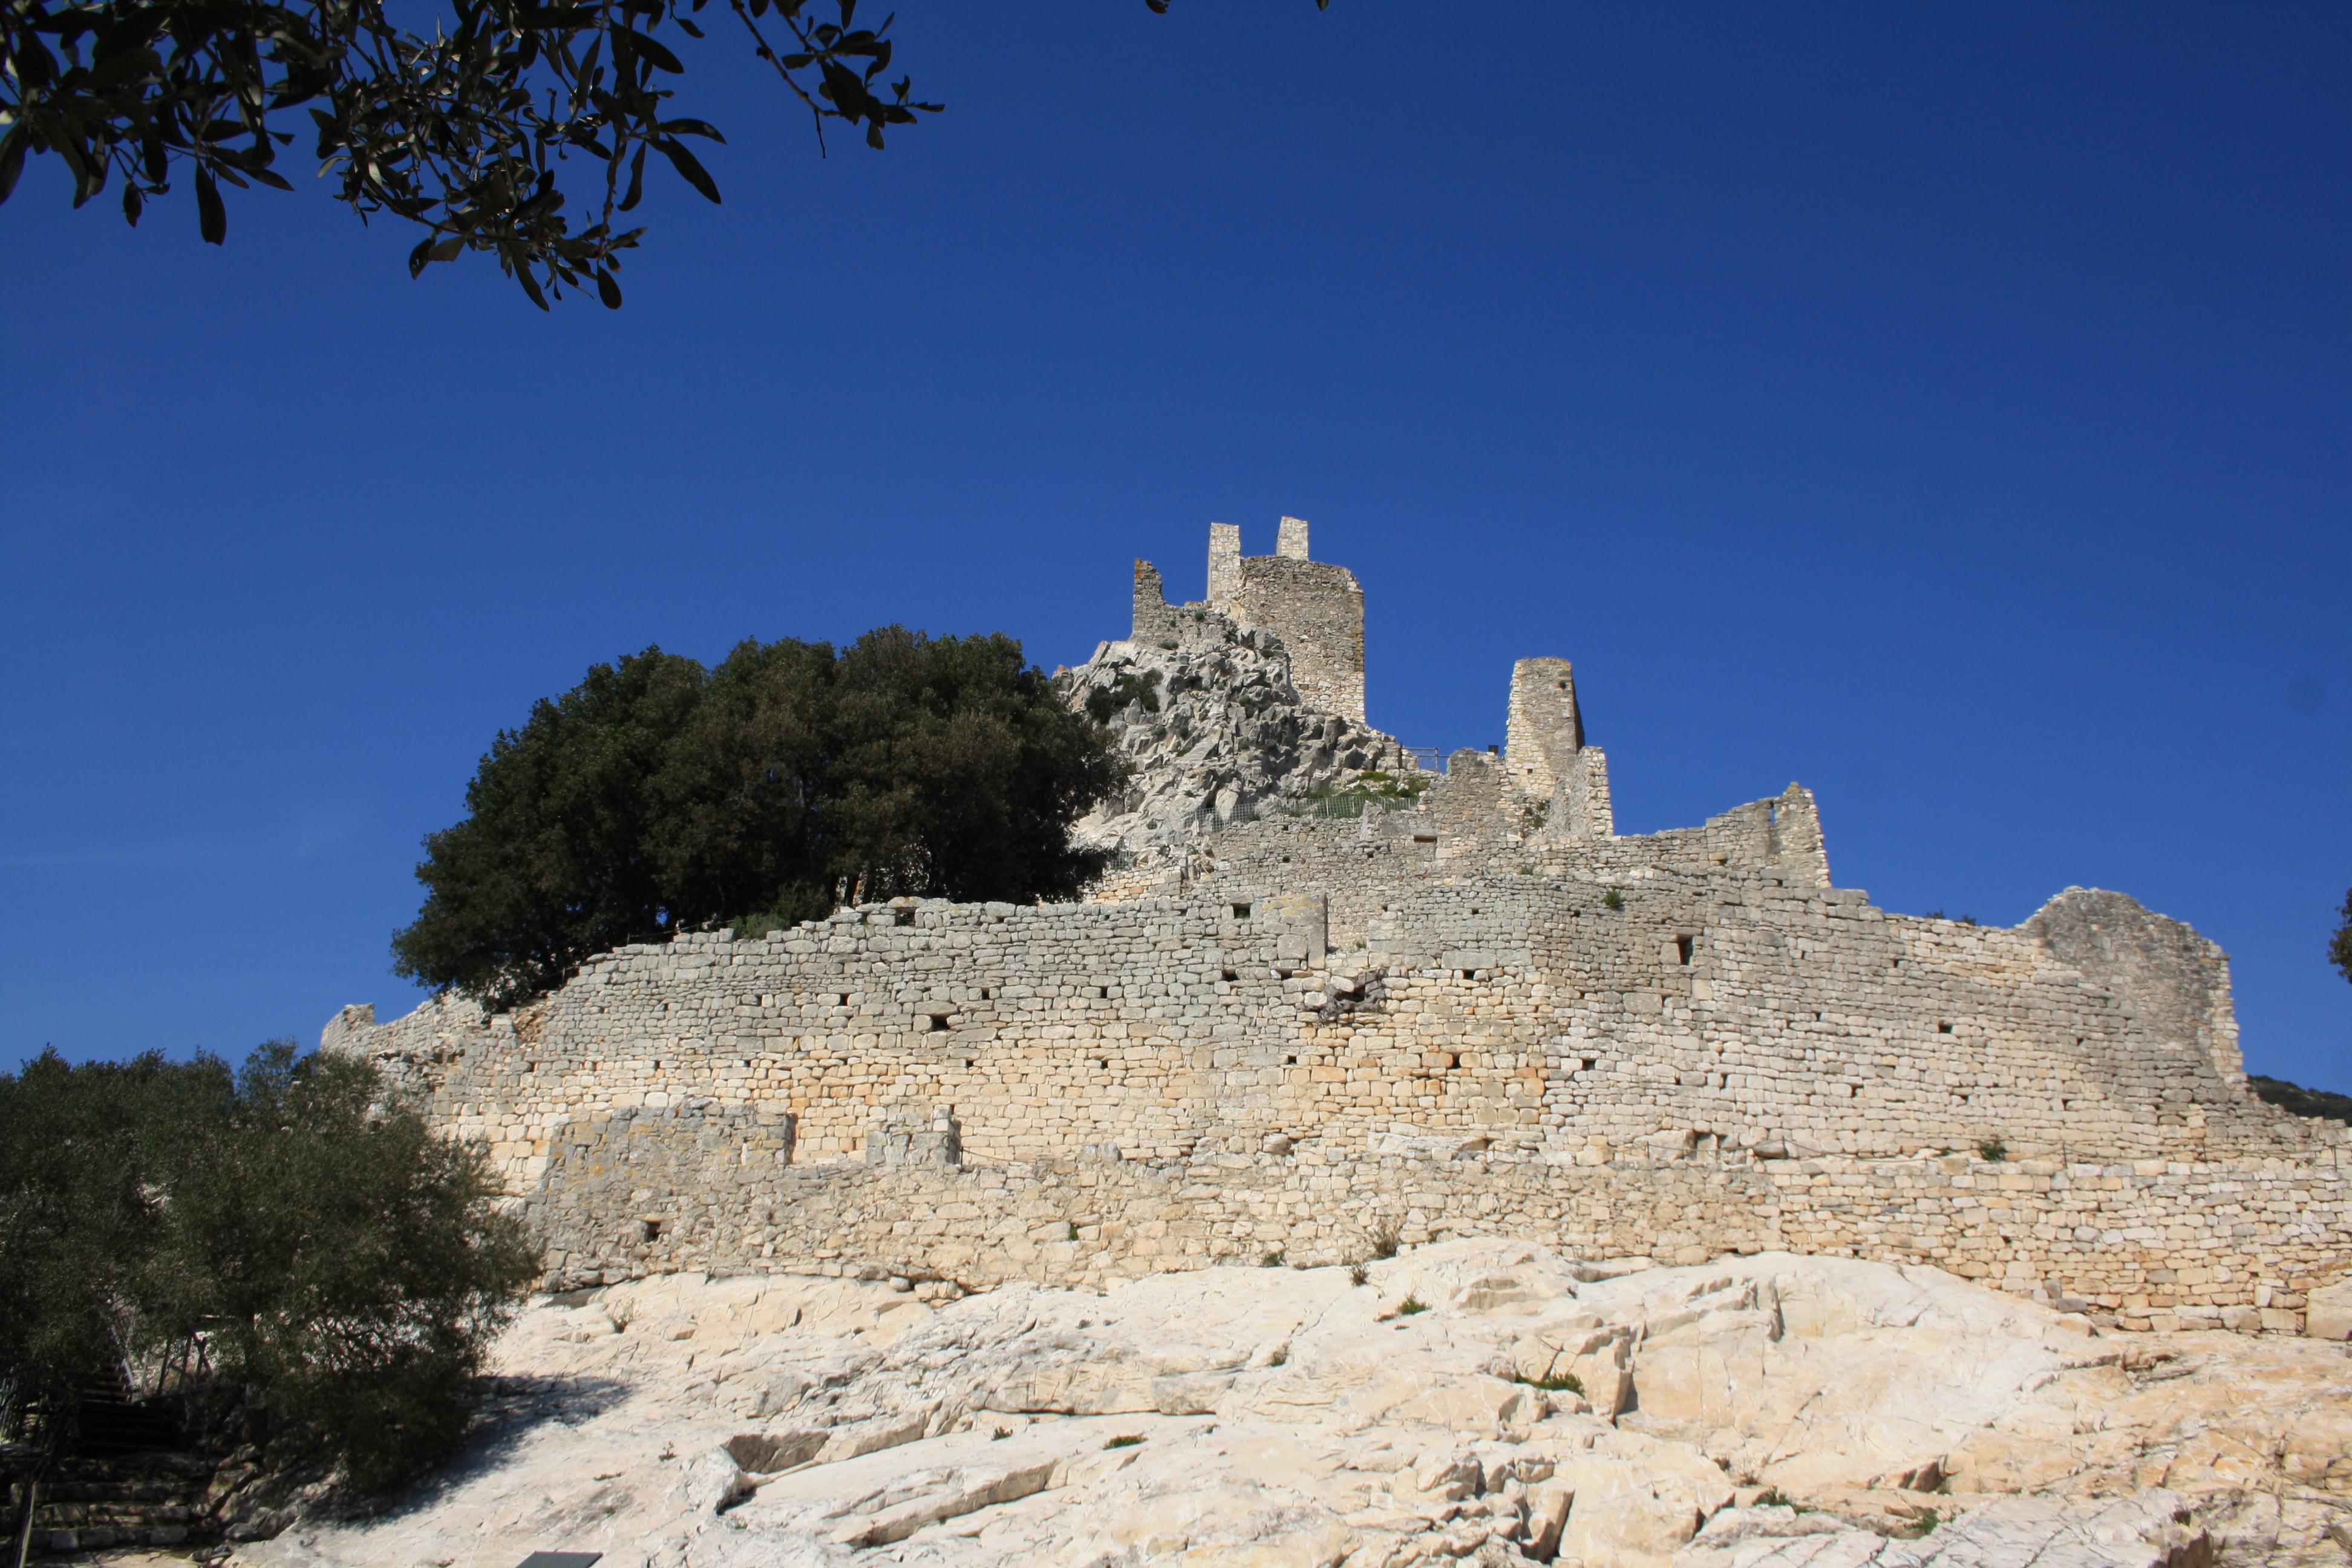 la Rocca di san Silvestro, Parco archeominerario di San Silvestro